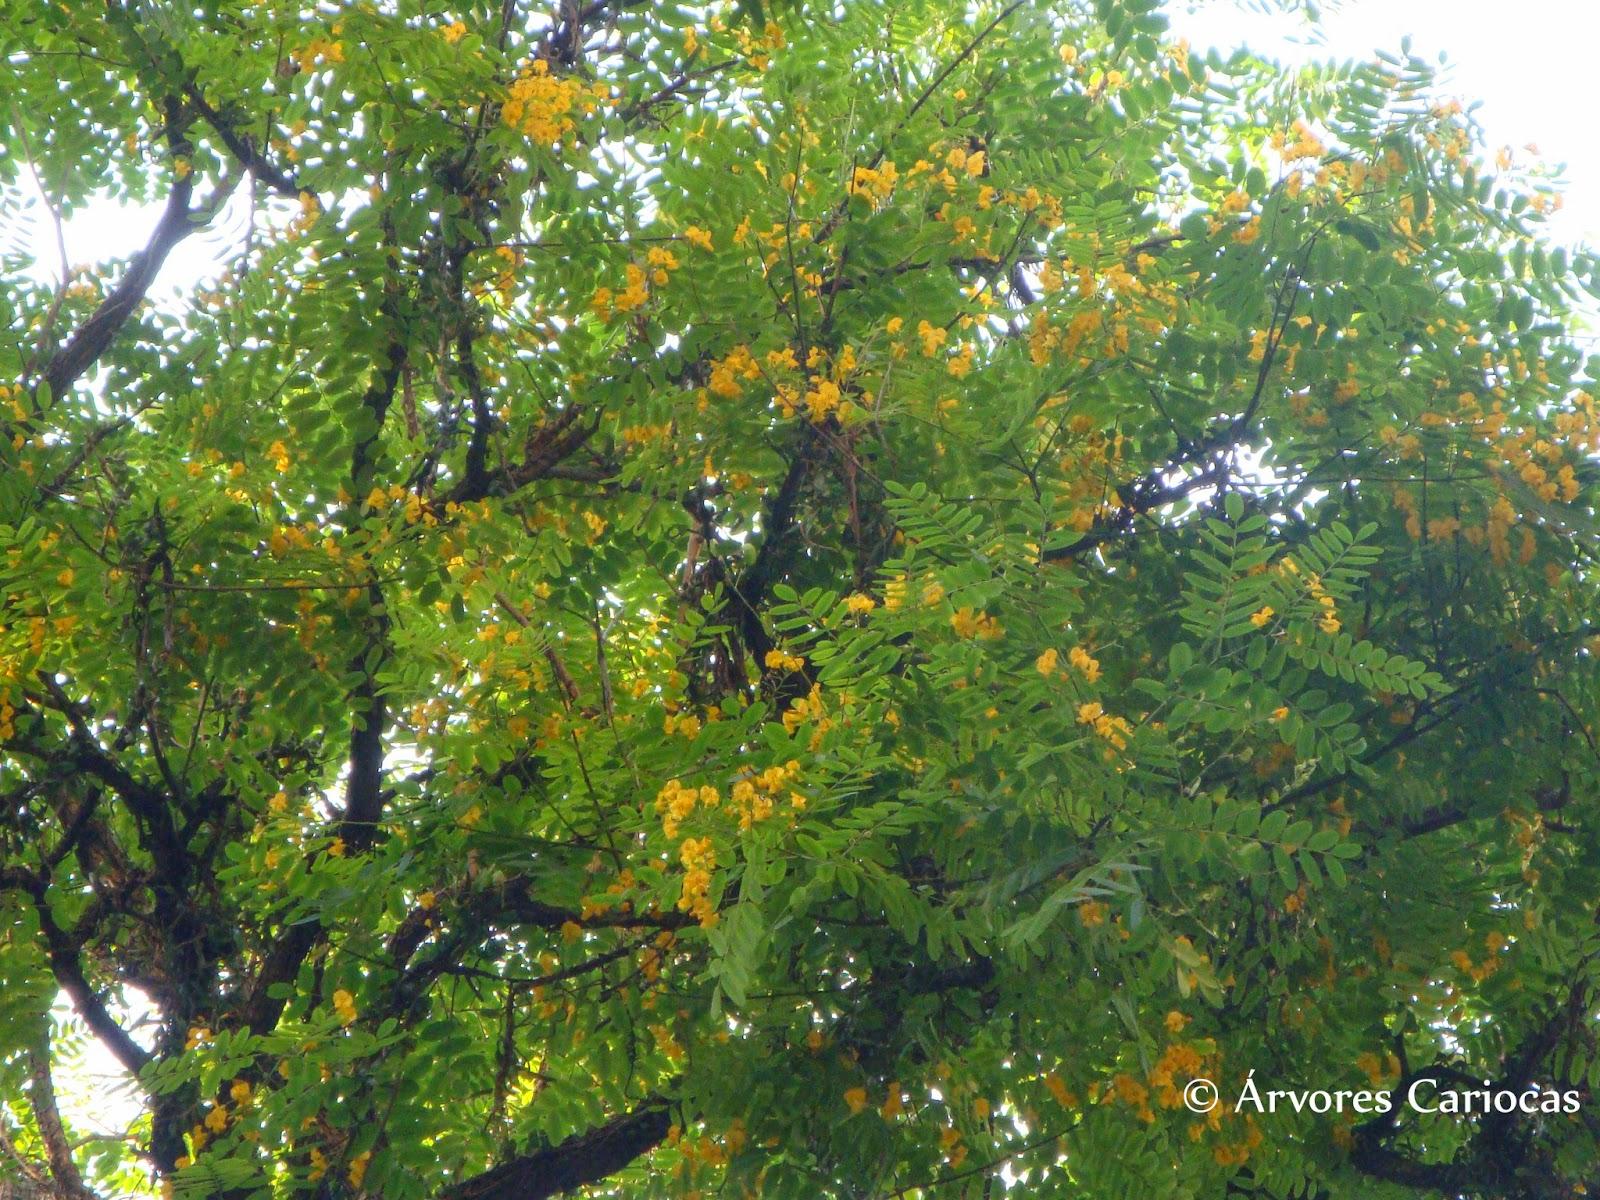 Flores roxas e tronco de árvore Foto stock gratuita Public  - Fotos De Arvores Com Flores Roxas